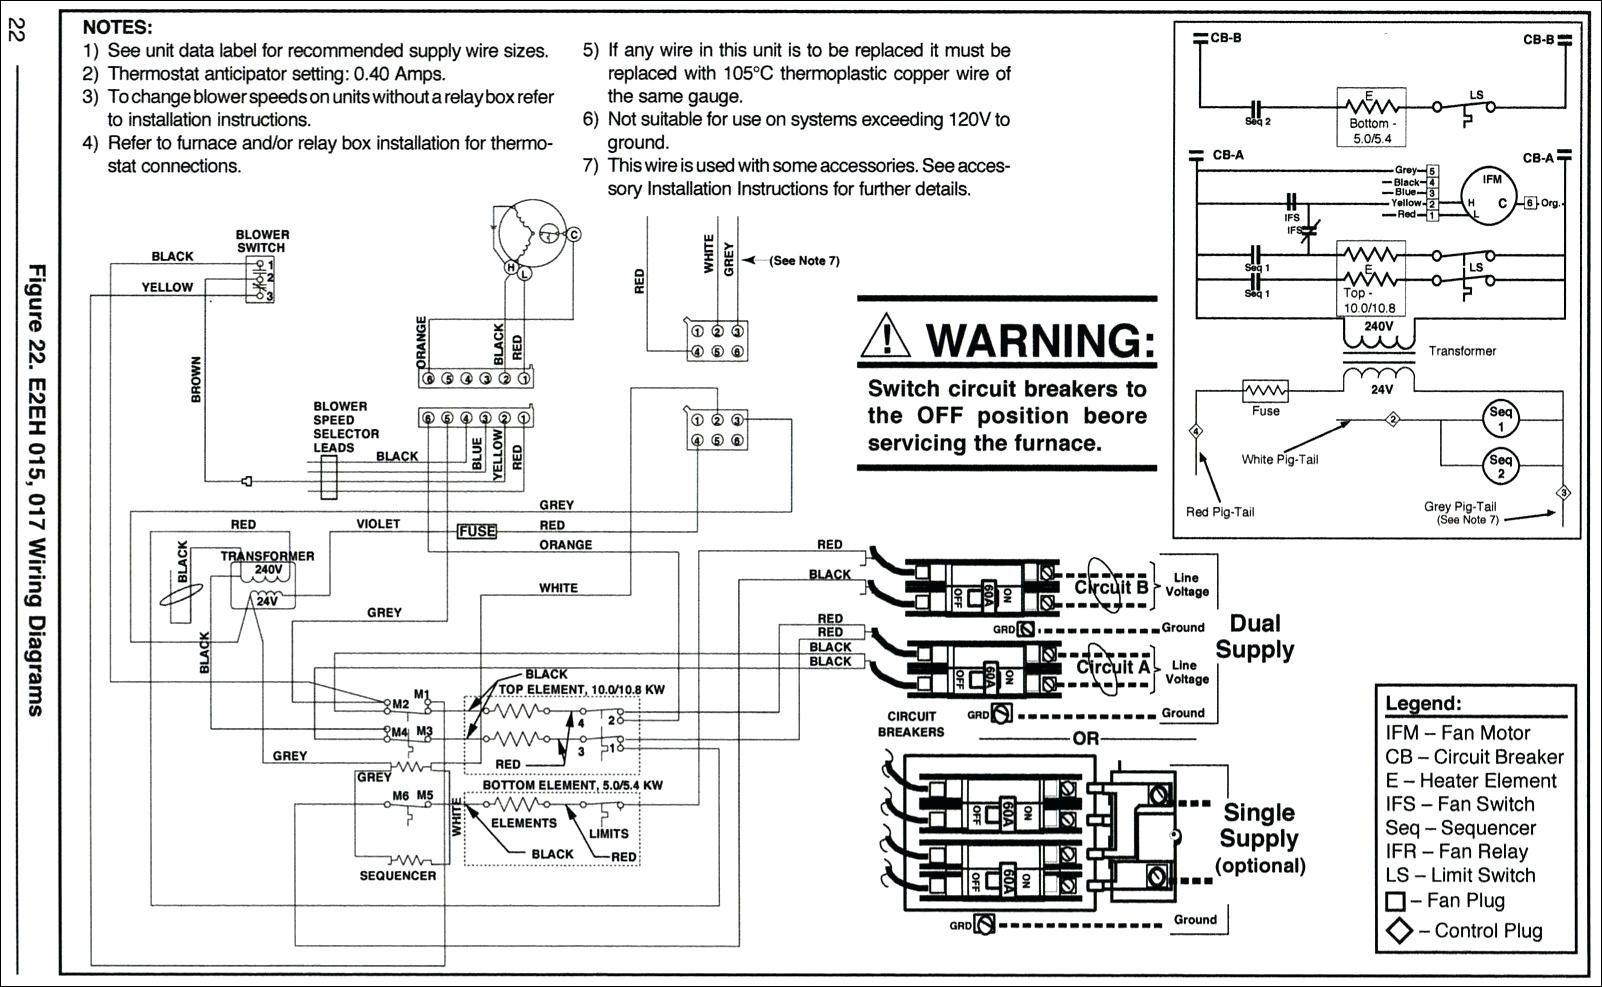 Goodman Electric Furnace Wiring Diagram - Panoramabypatysesma - Electric Furnace Wiring Diagram Sequencer